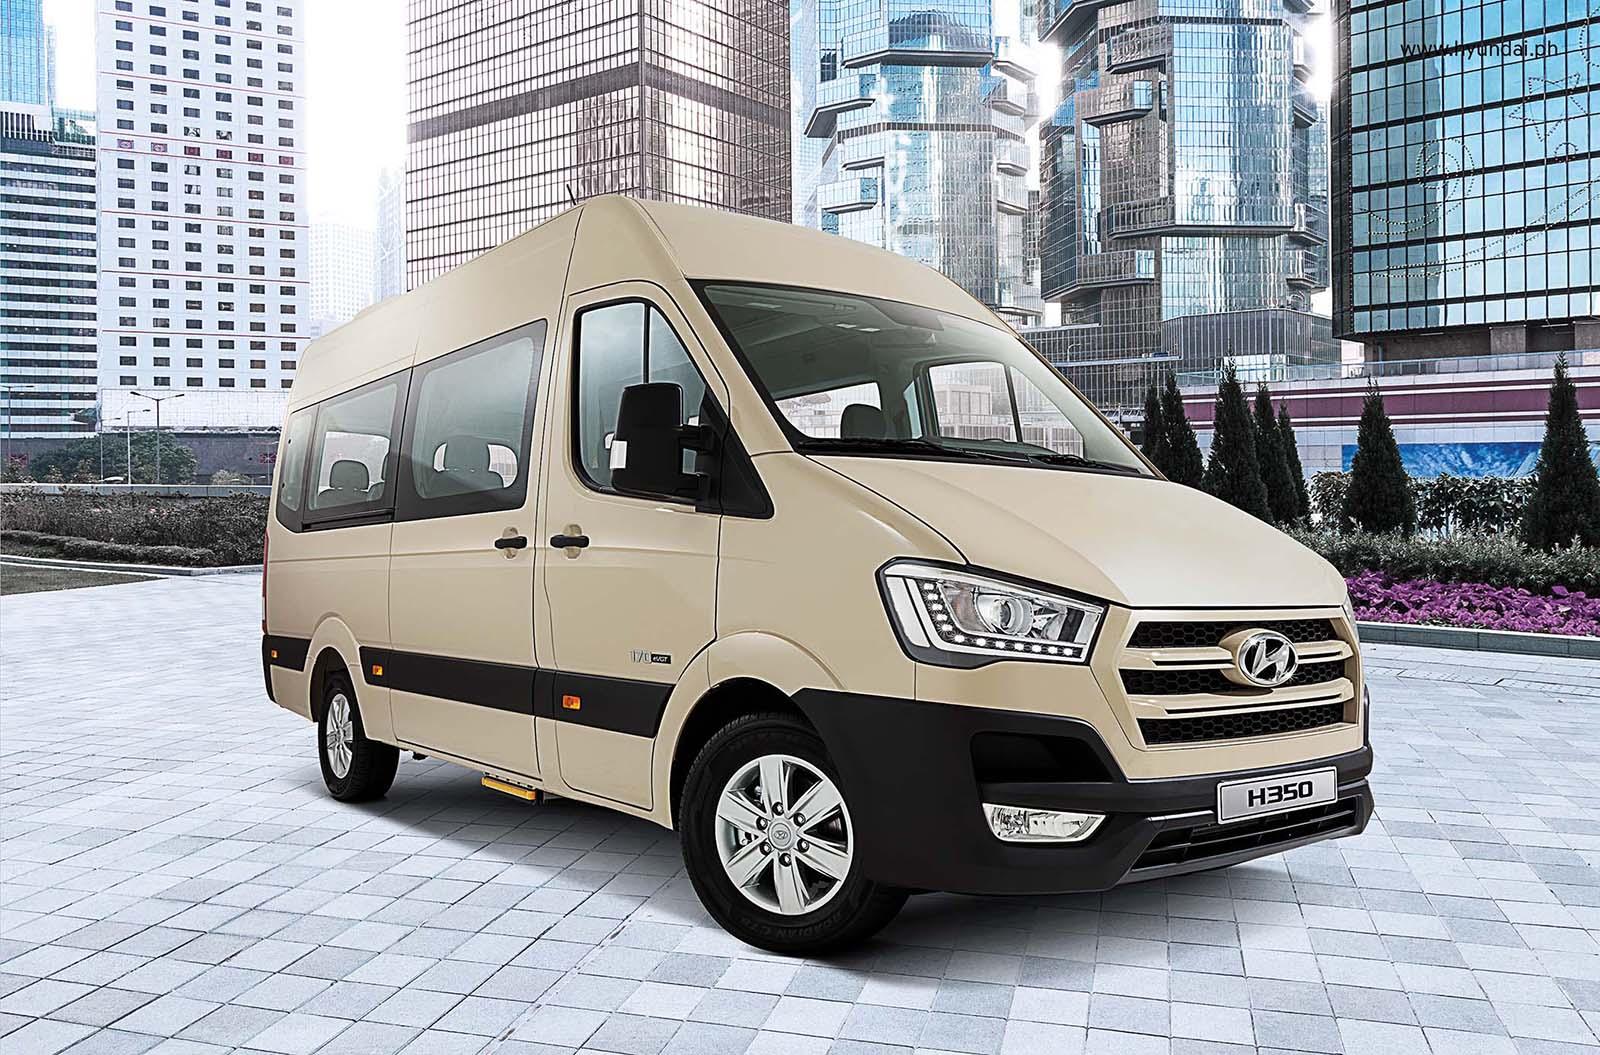 Hyundai Yetkili Satıcı ve Servisi